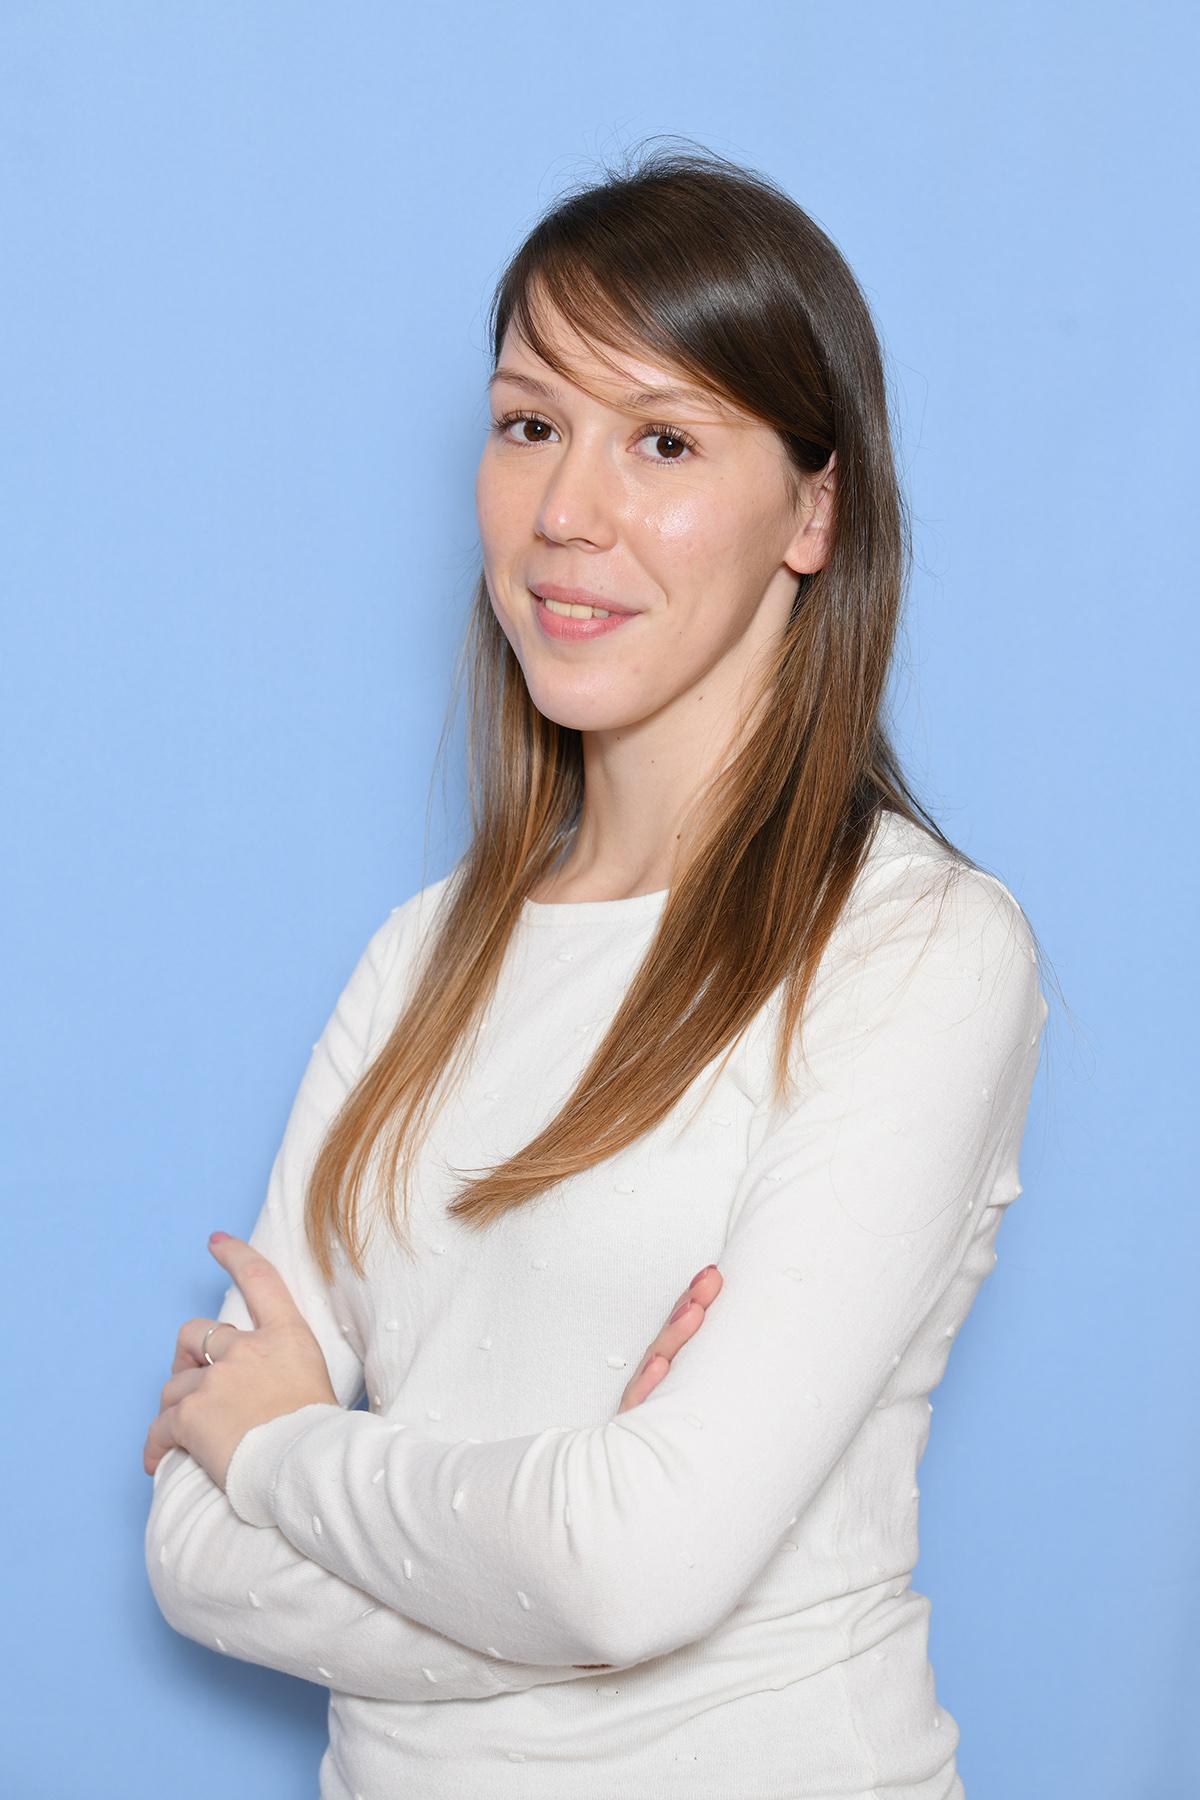 Јована Цветковић